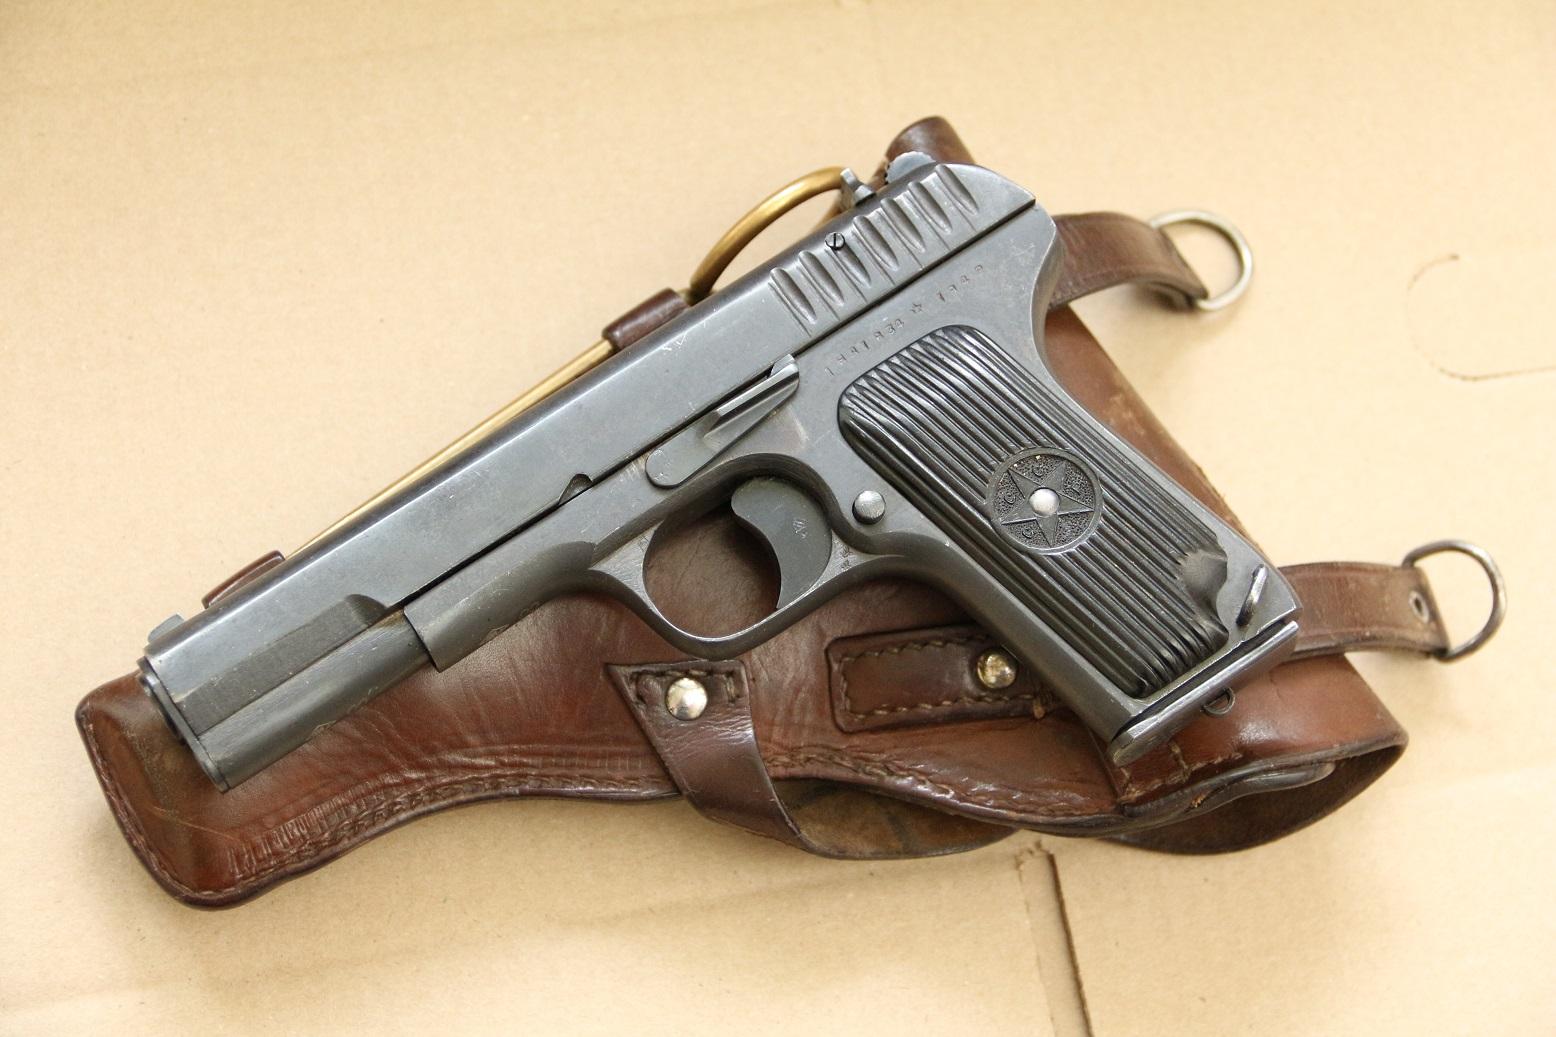 Фото  Охолощенный пистолет ТТ-СХ 1942 года, №НА 1634, тульская звезда